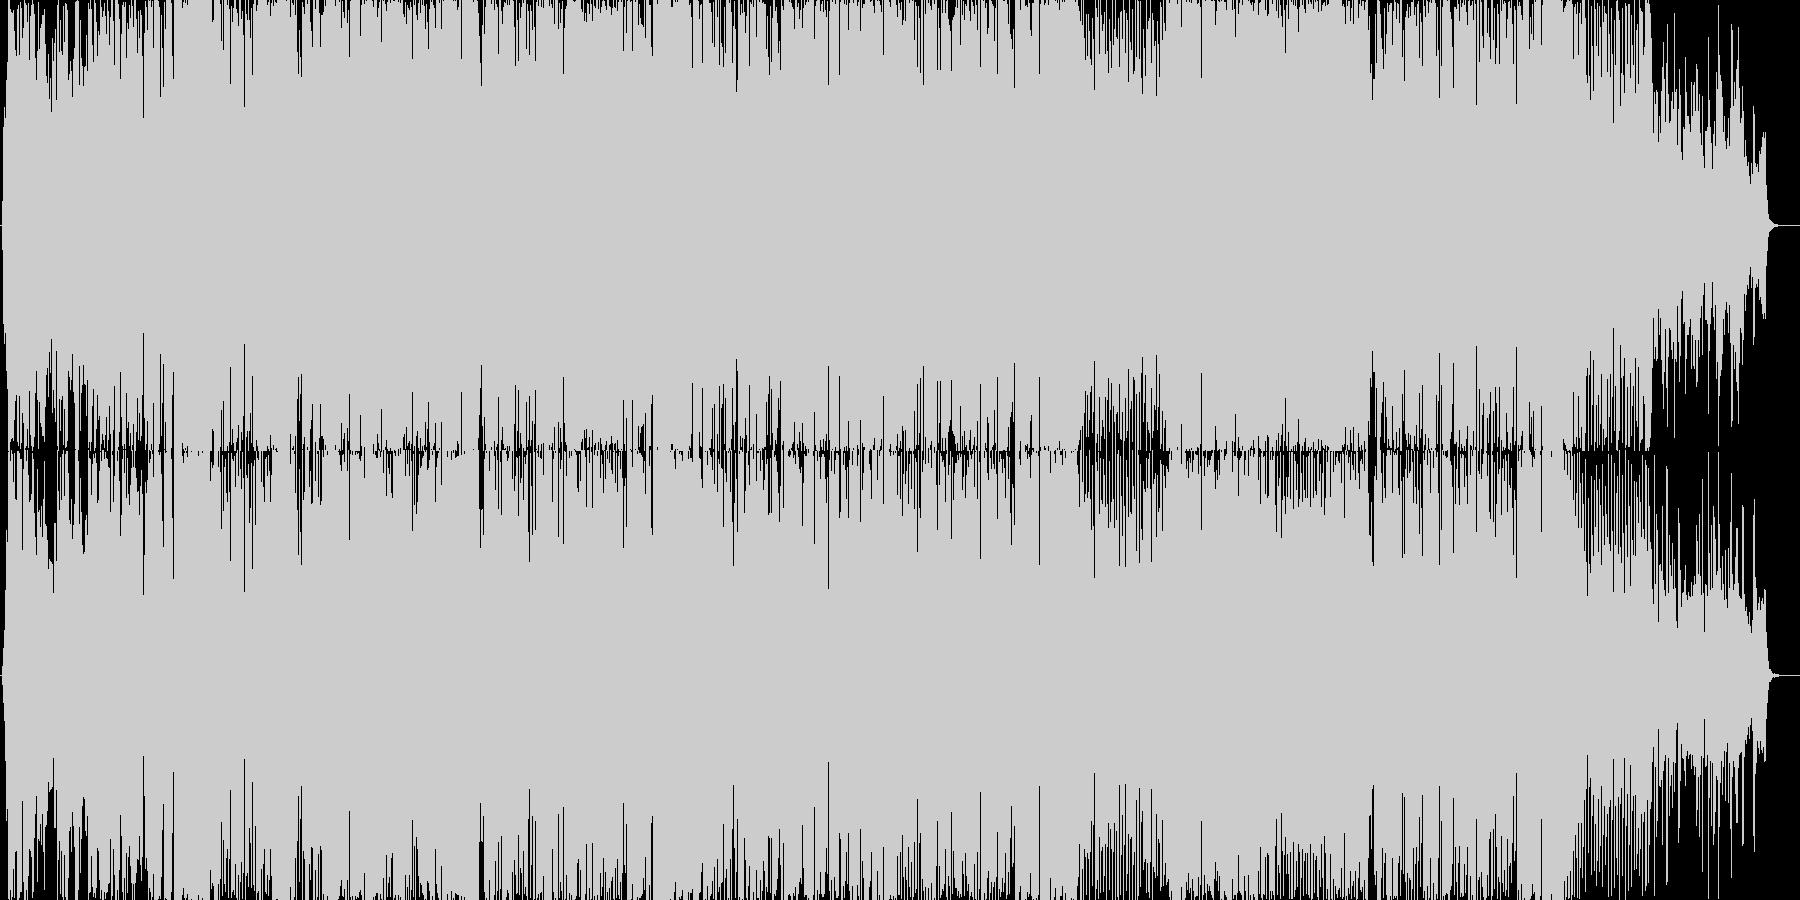 女性ボーカルの明るいダンスポップ曲の未再生の波形